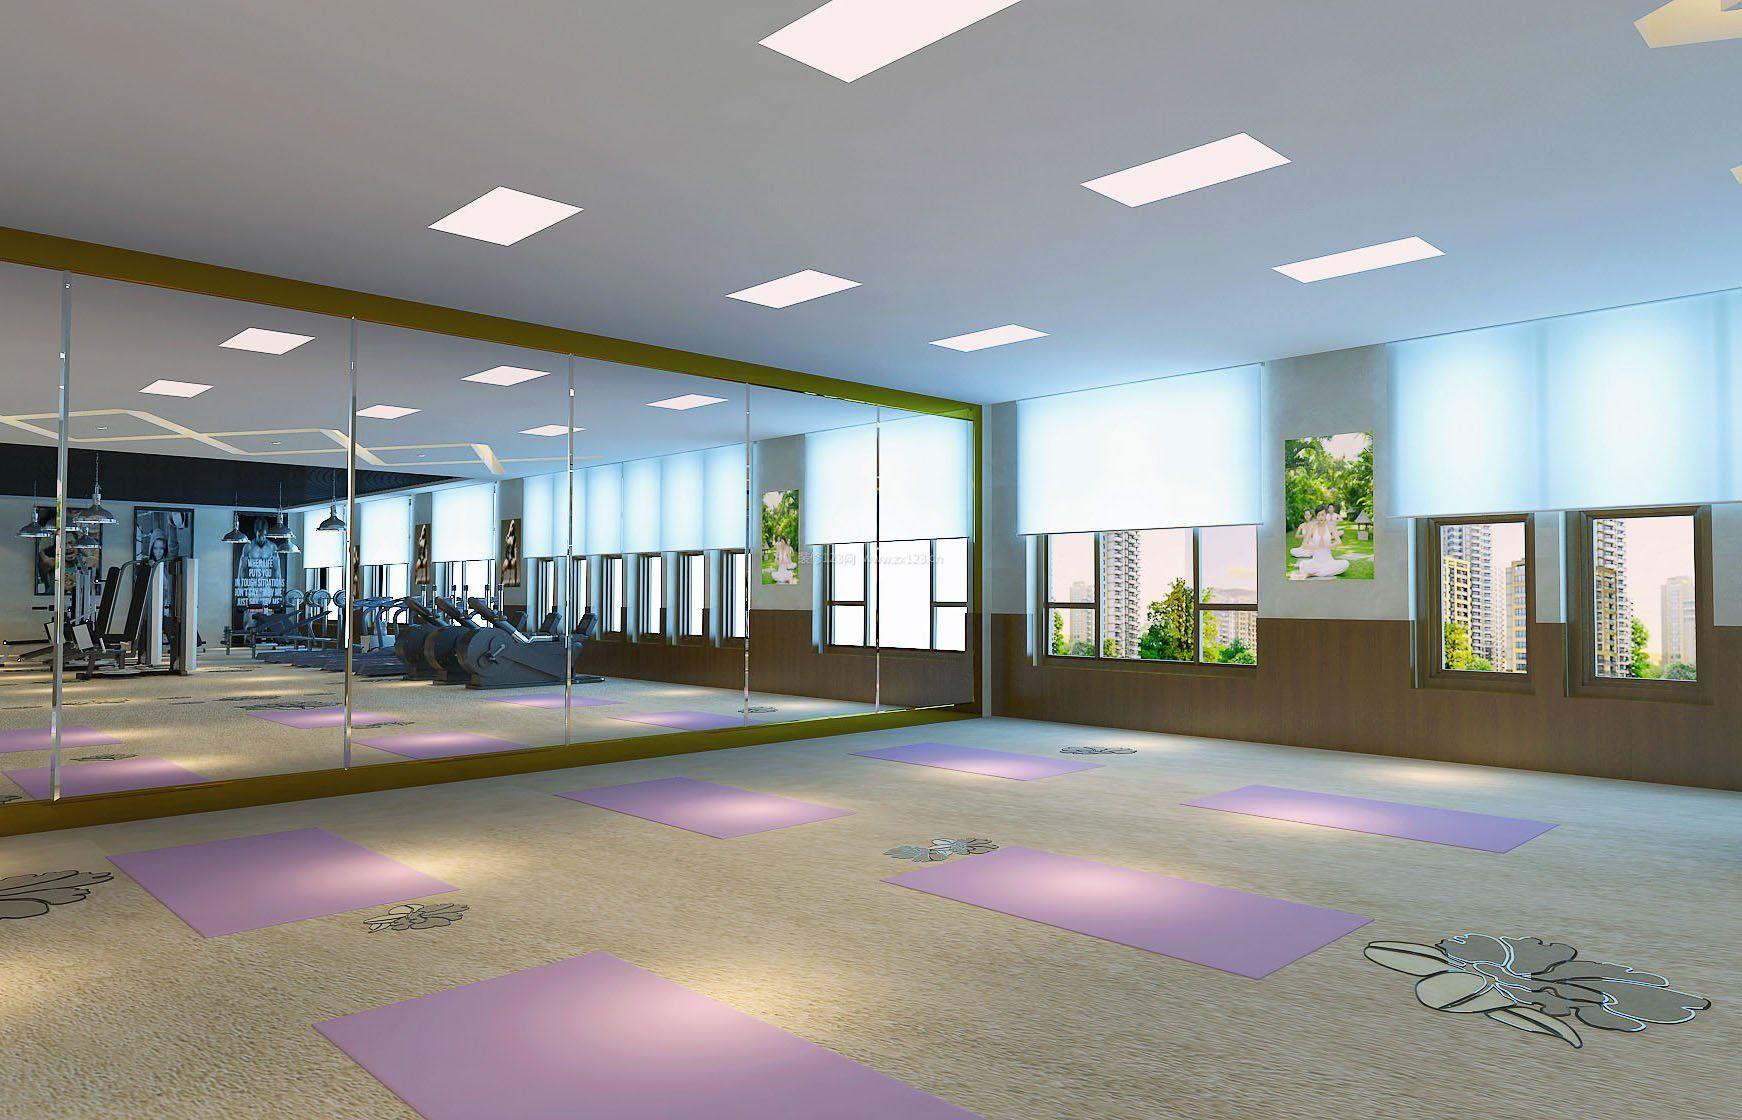 瑜伽馆室内装修效果图片欣赏